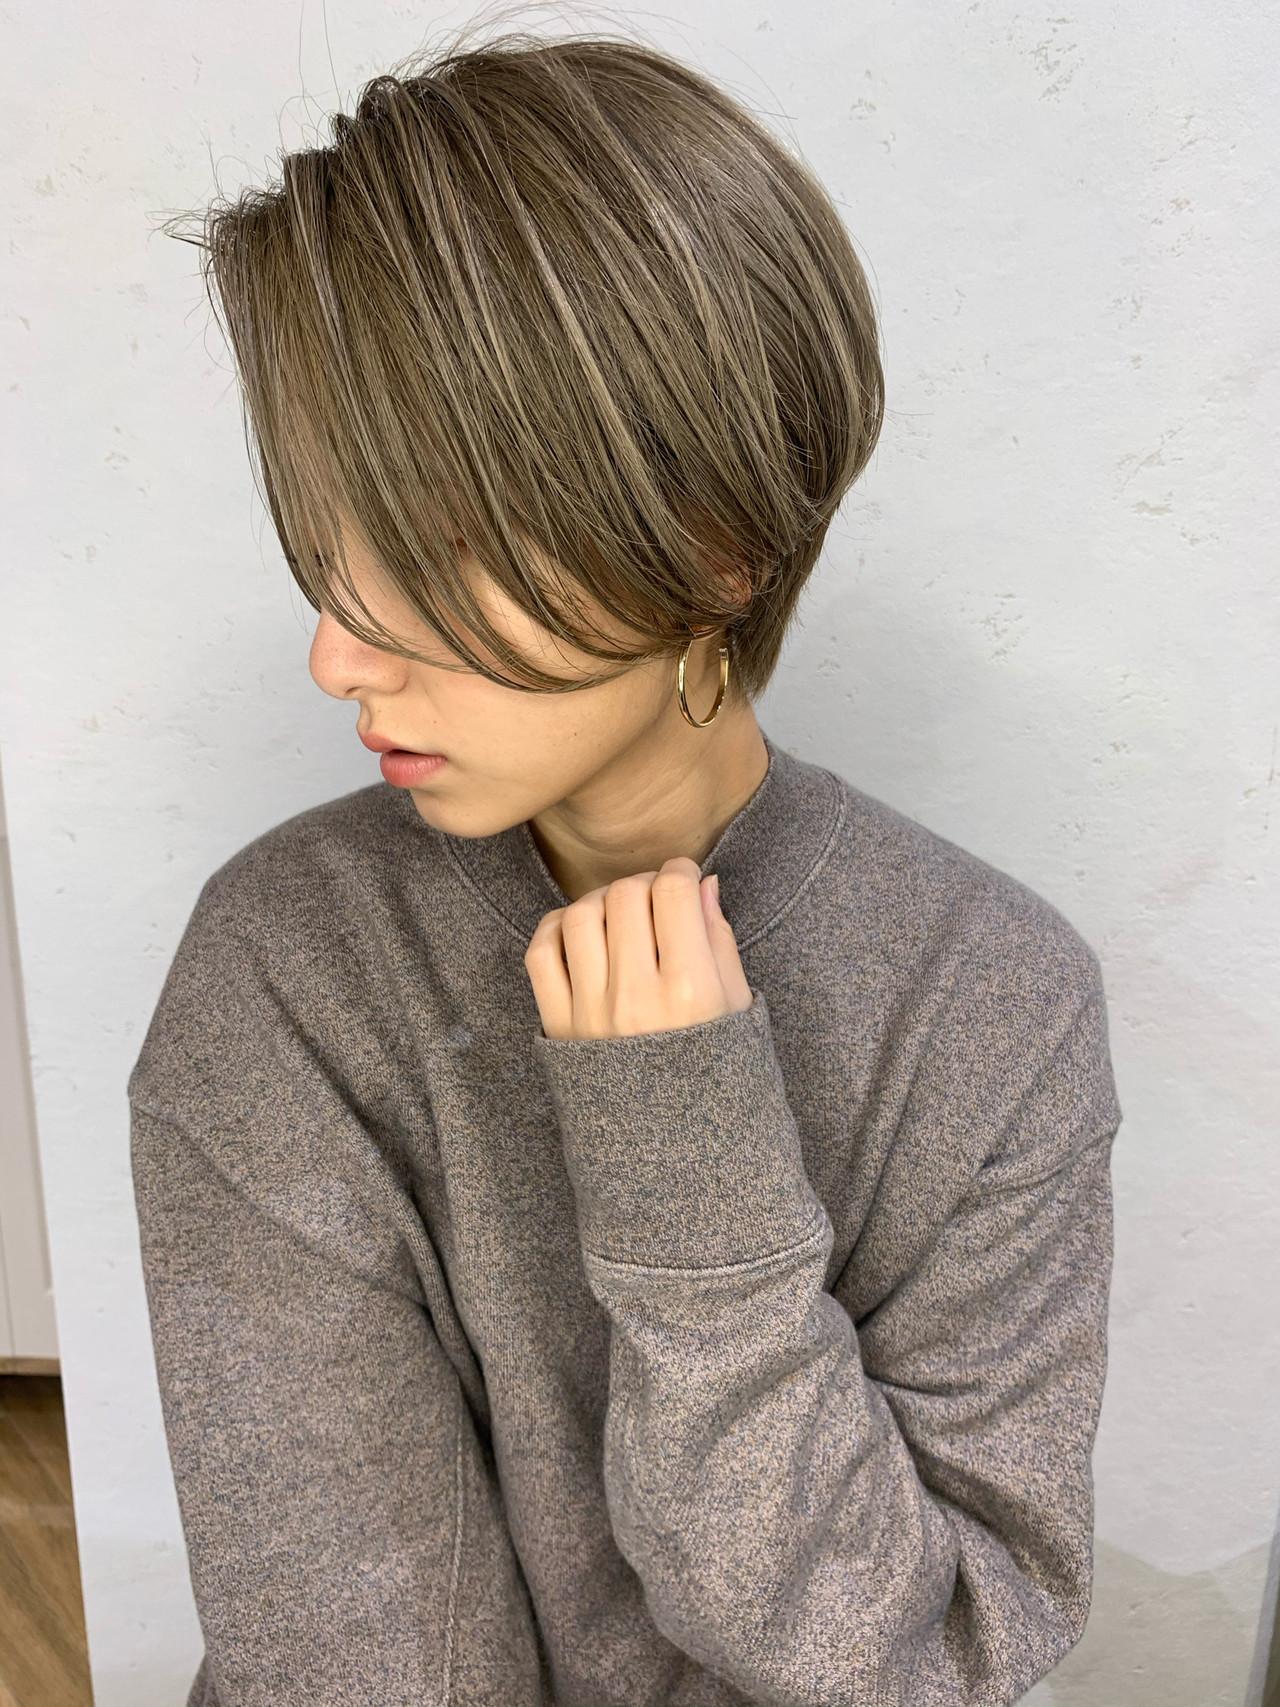 小顔ヘア ナチュラル 大人可愛い ヘアスタイルや髪型の写真・画像 | 山口 健太 / Lond ange